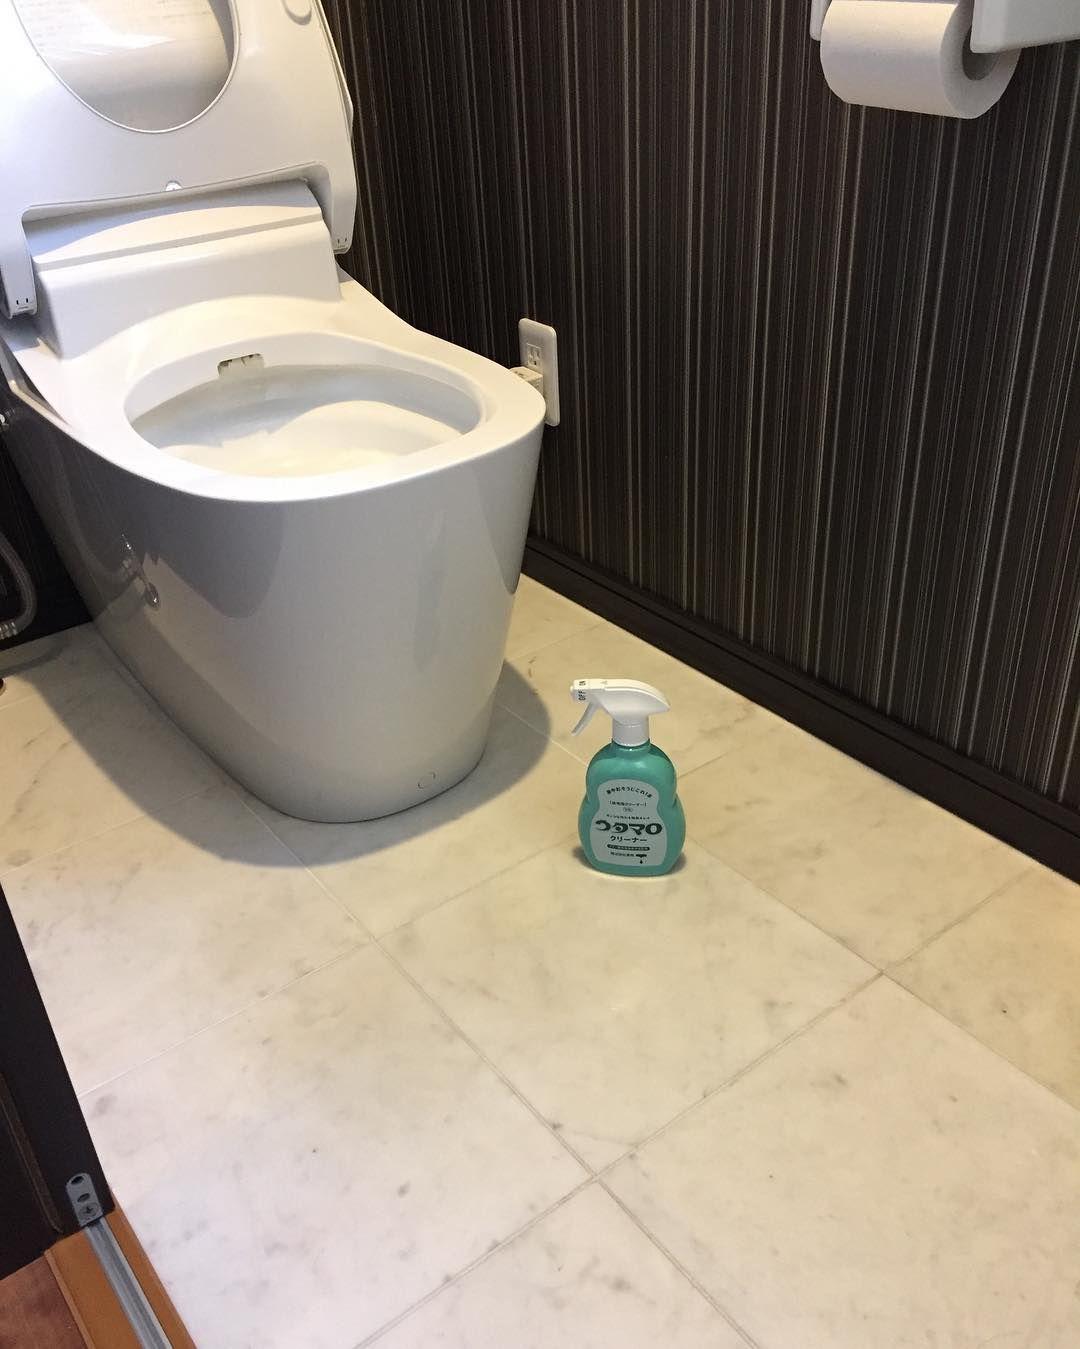 参考になります 暮らし上手さんの トイレ掃除 を覗き見 収納 掃除 トイレ掃除 お掃除